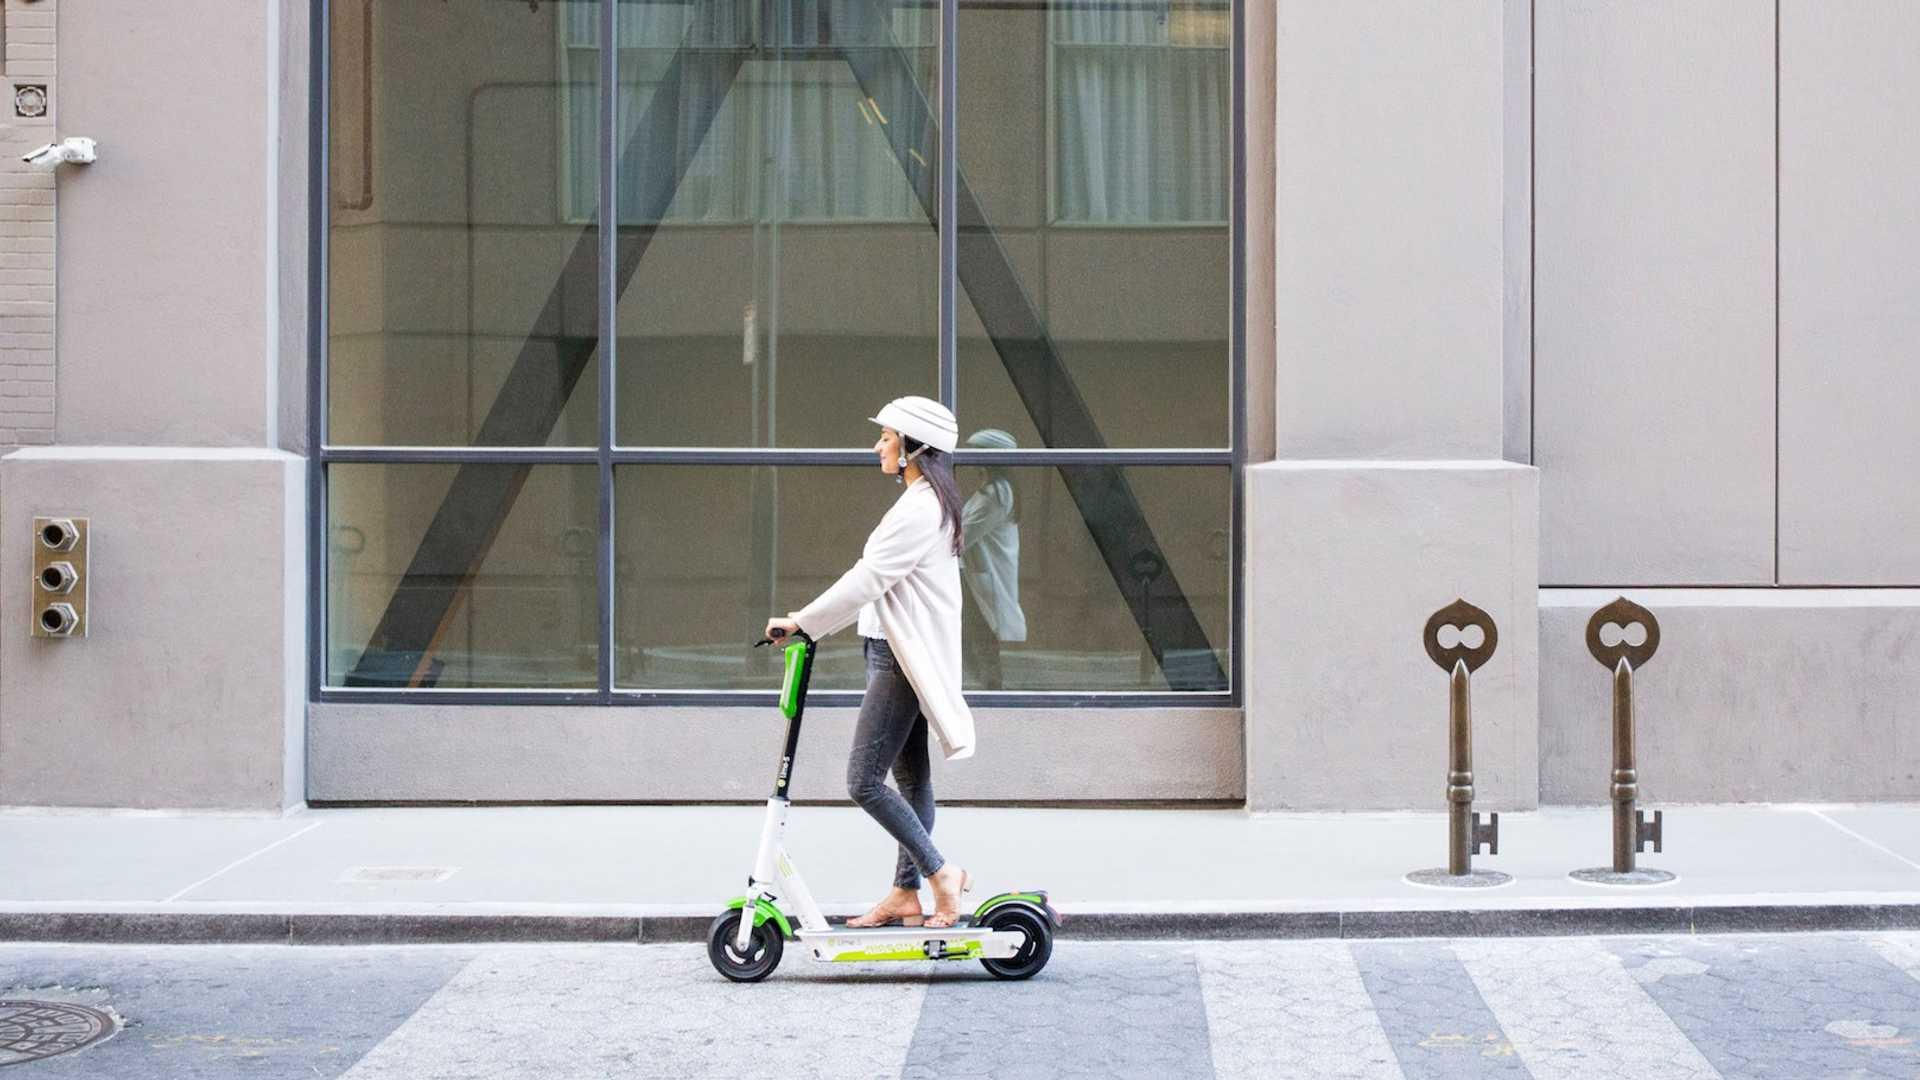 La DGT propose une assurance obligatoire pour les scooters